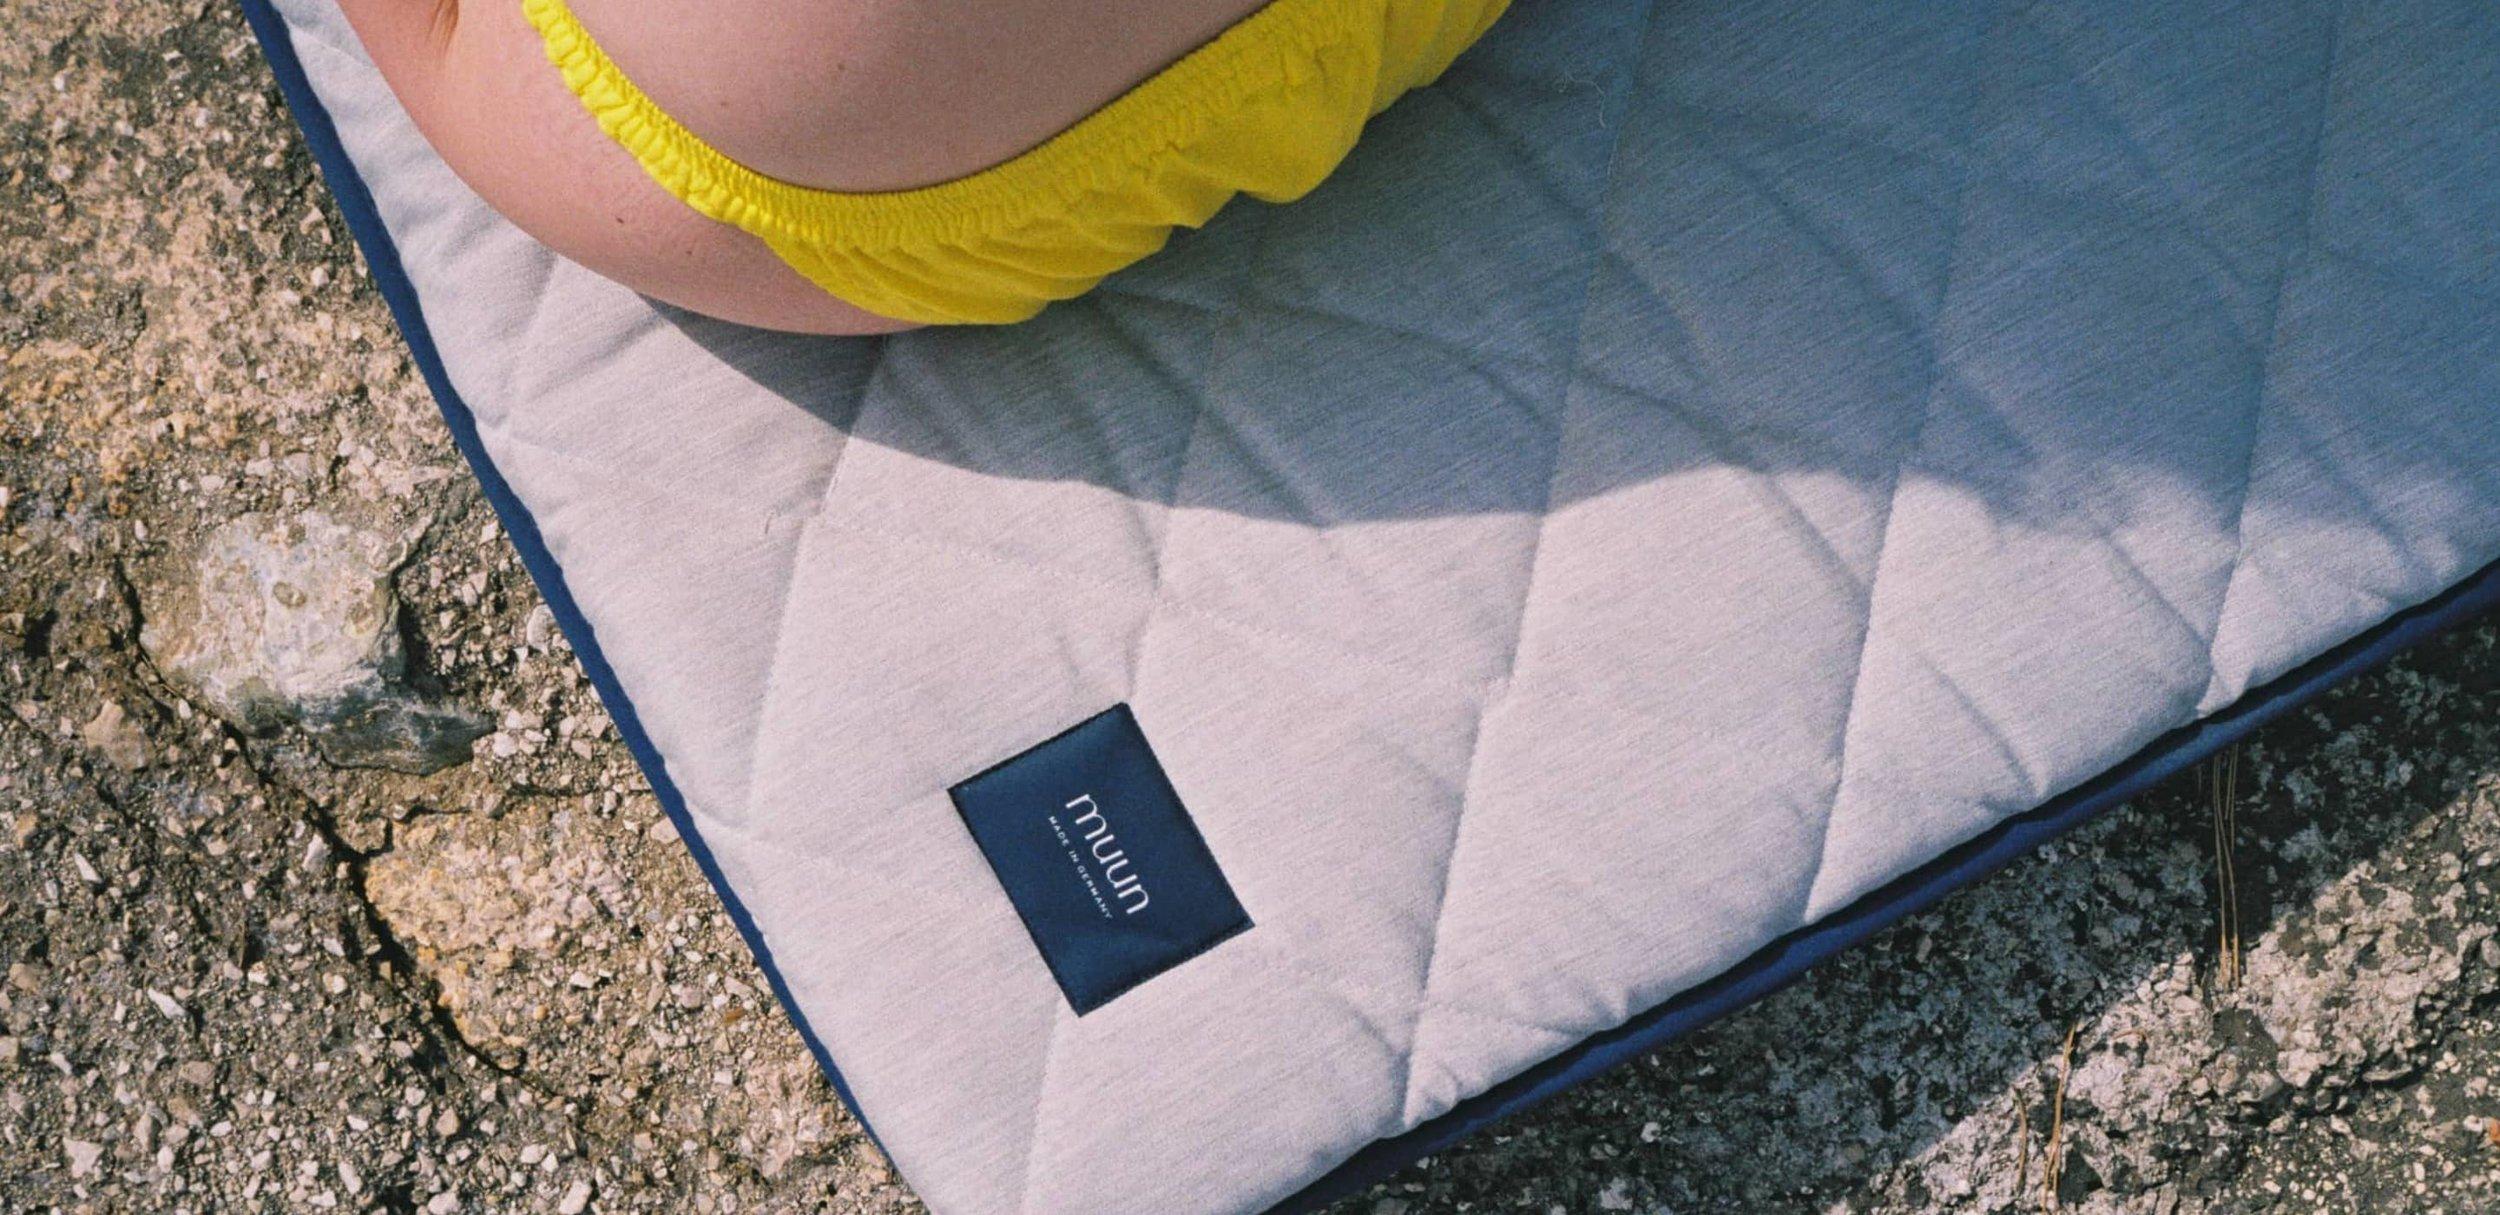 muun-beach-mattress-slideshow-3_1.jpg